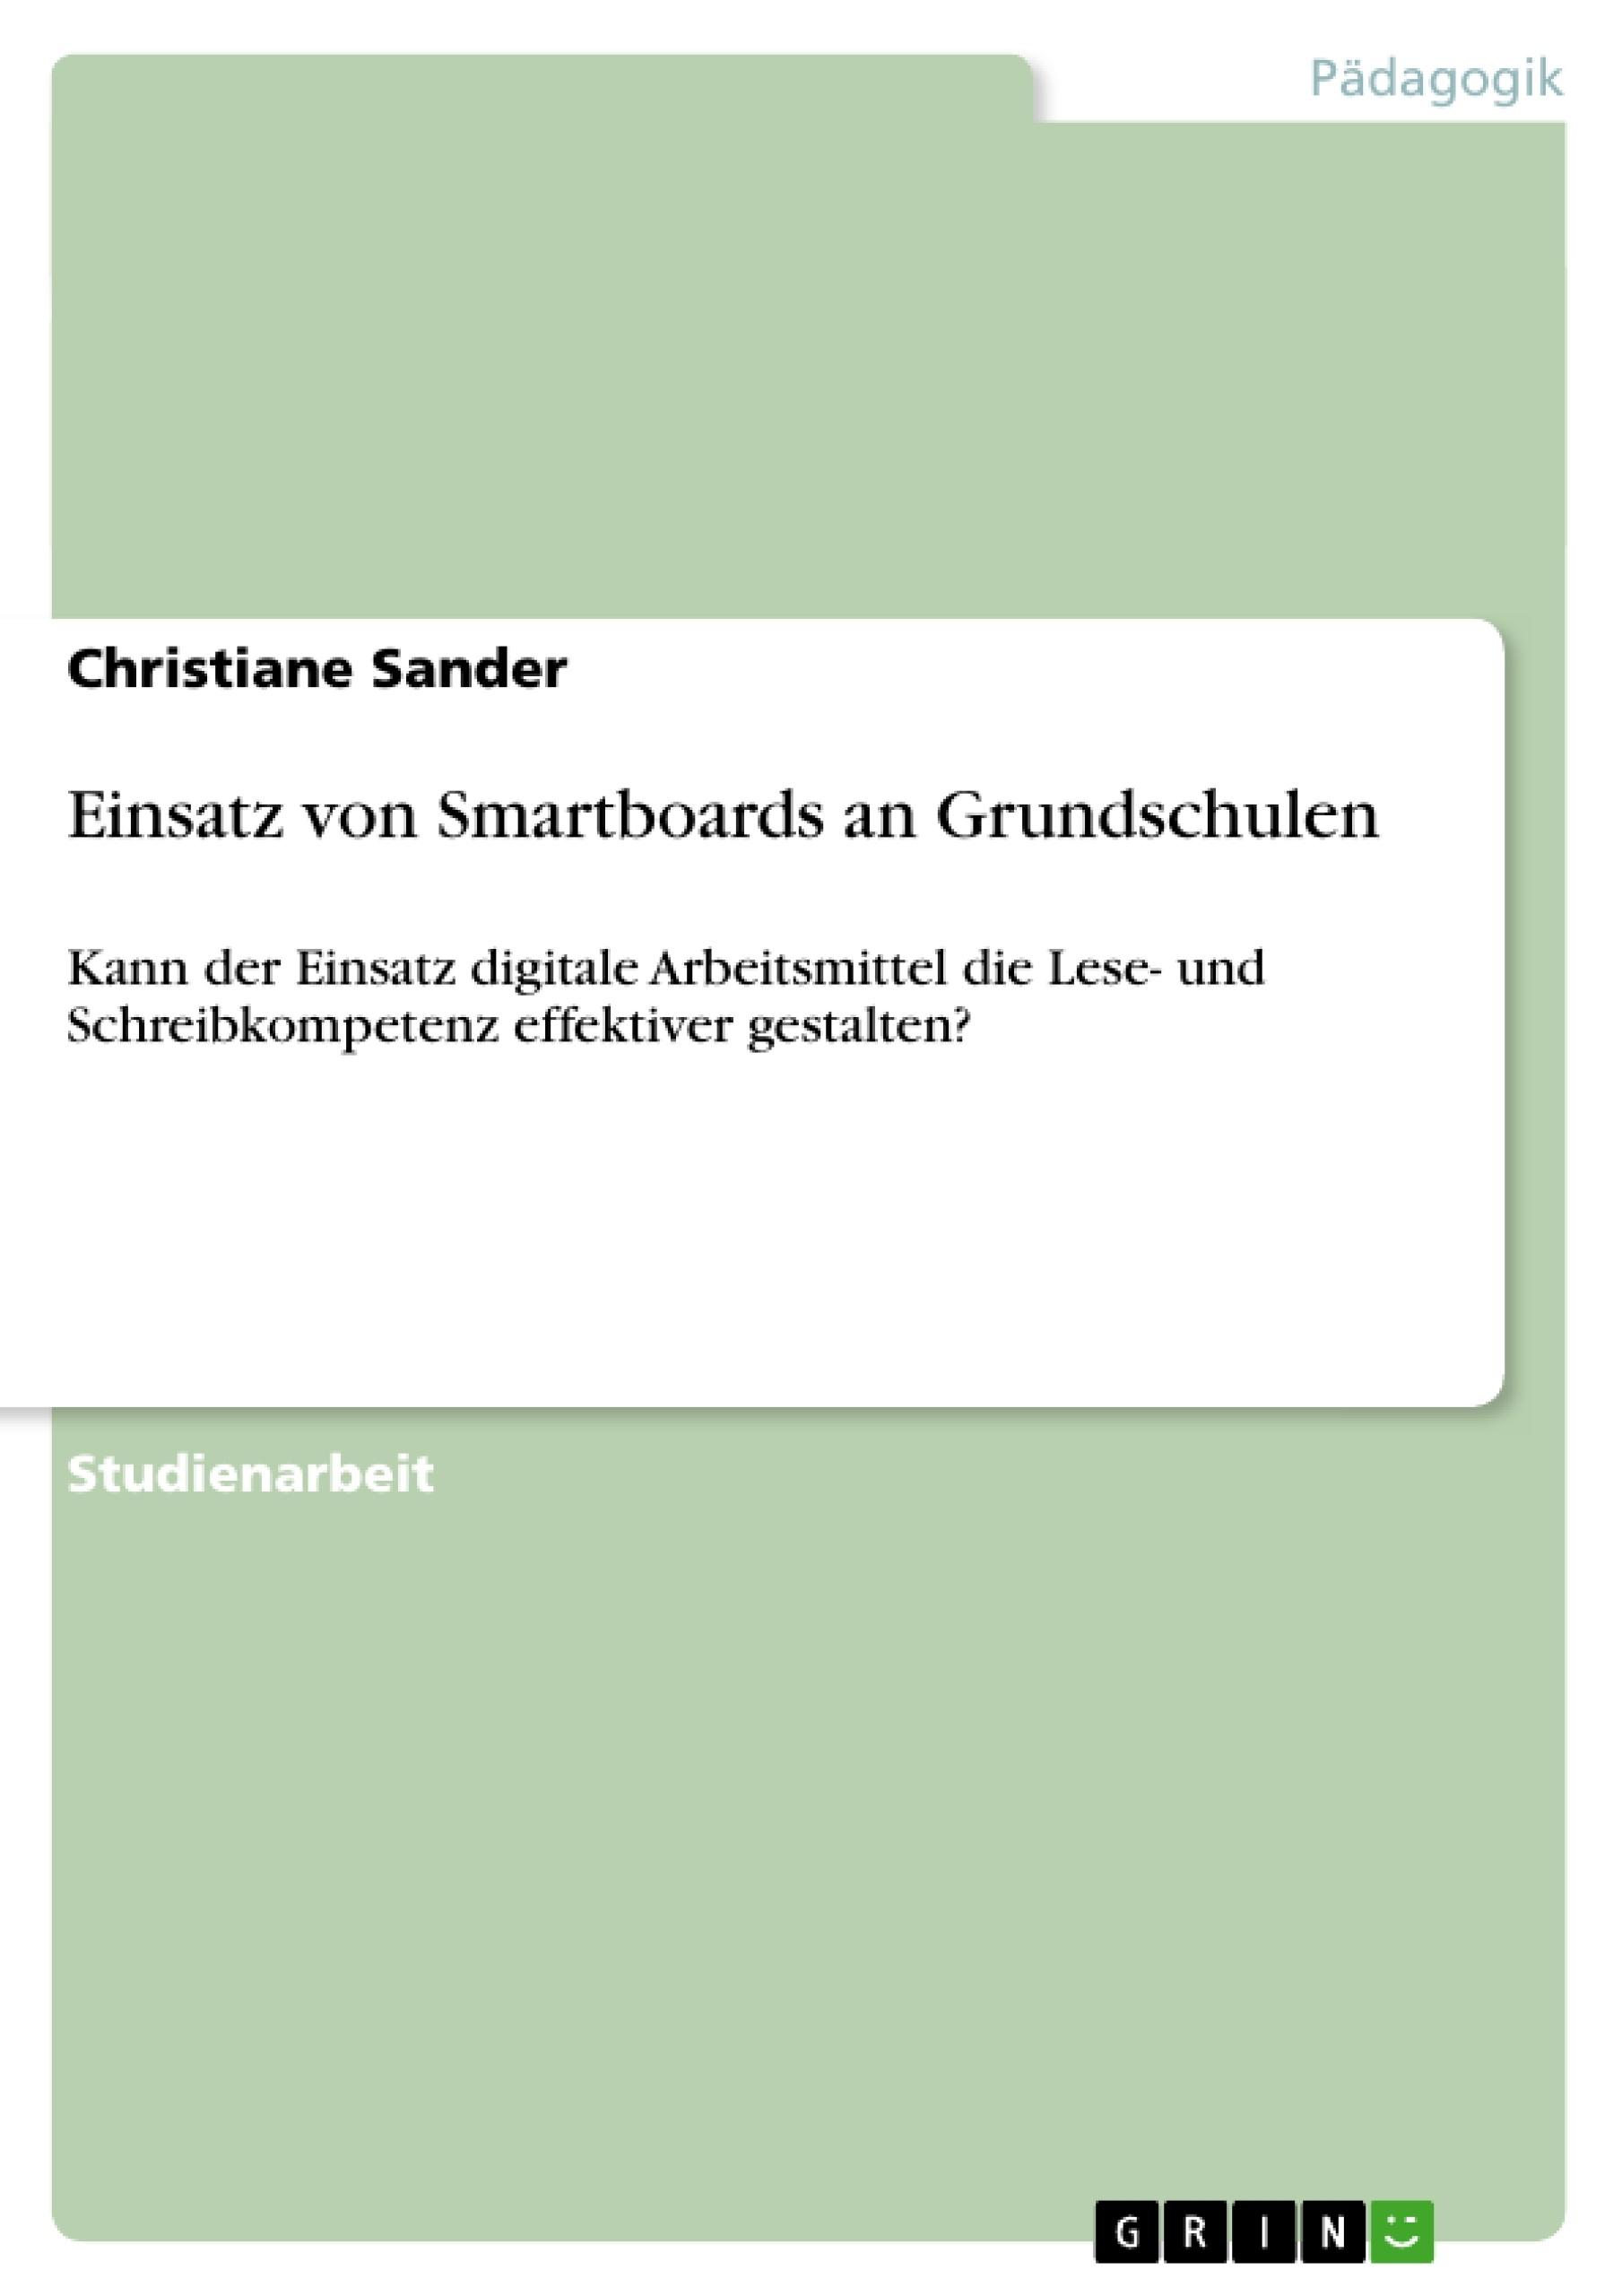 Titel: Einsatz von Smartboards an Grundschulen